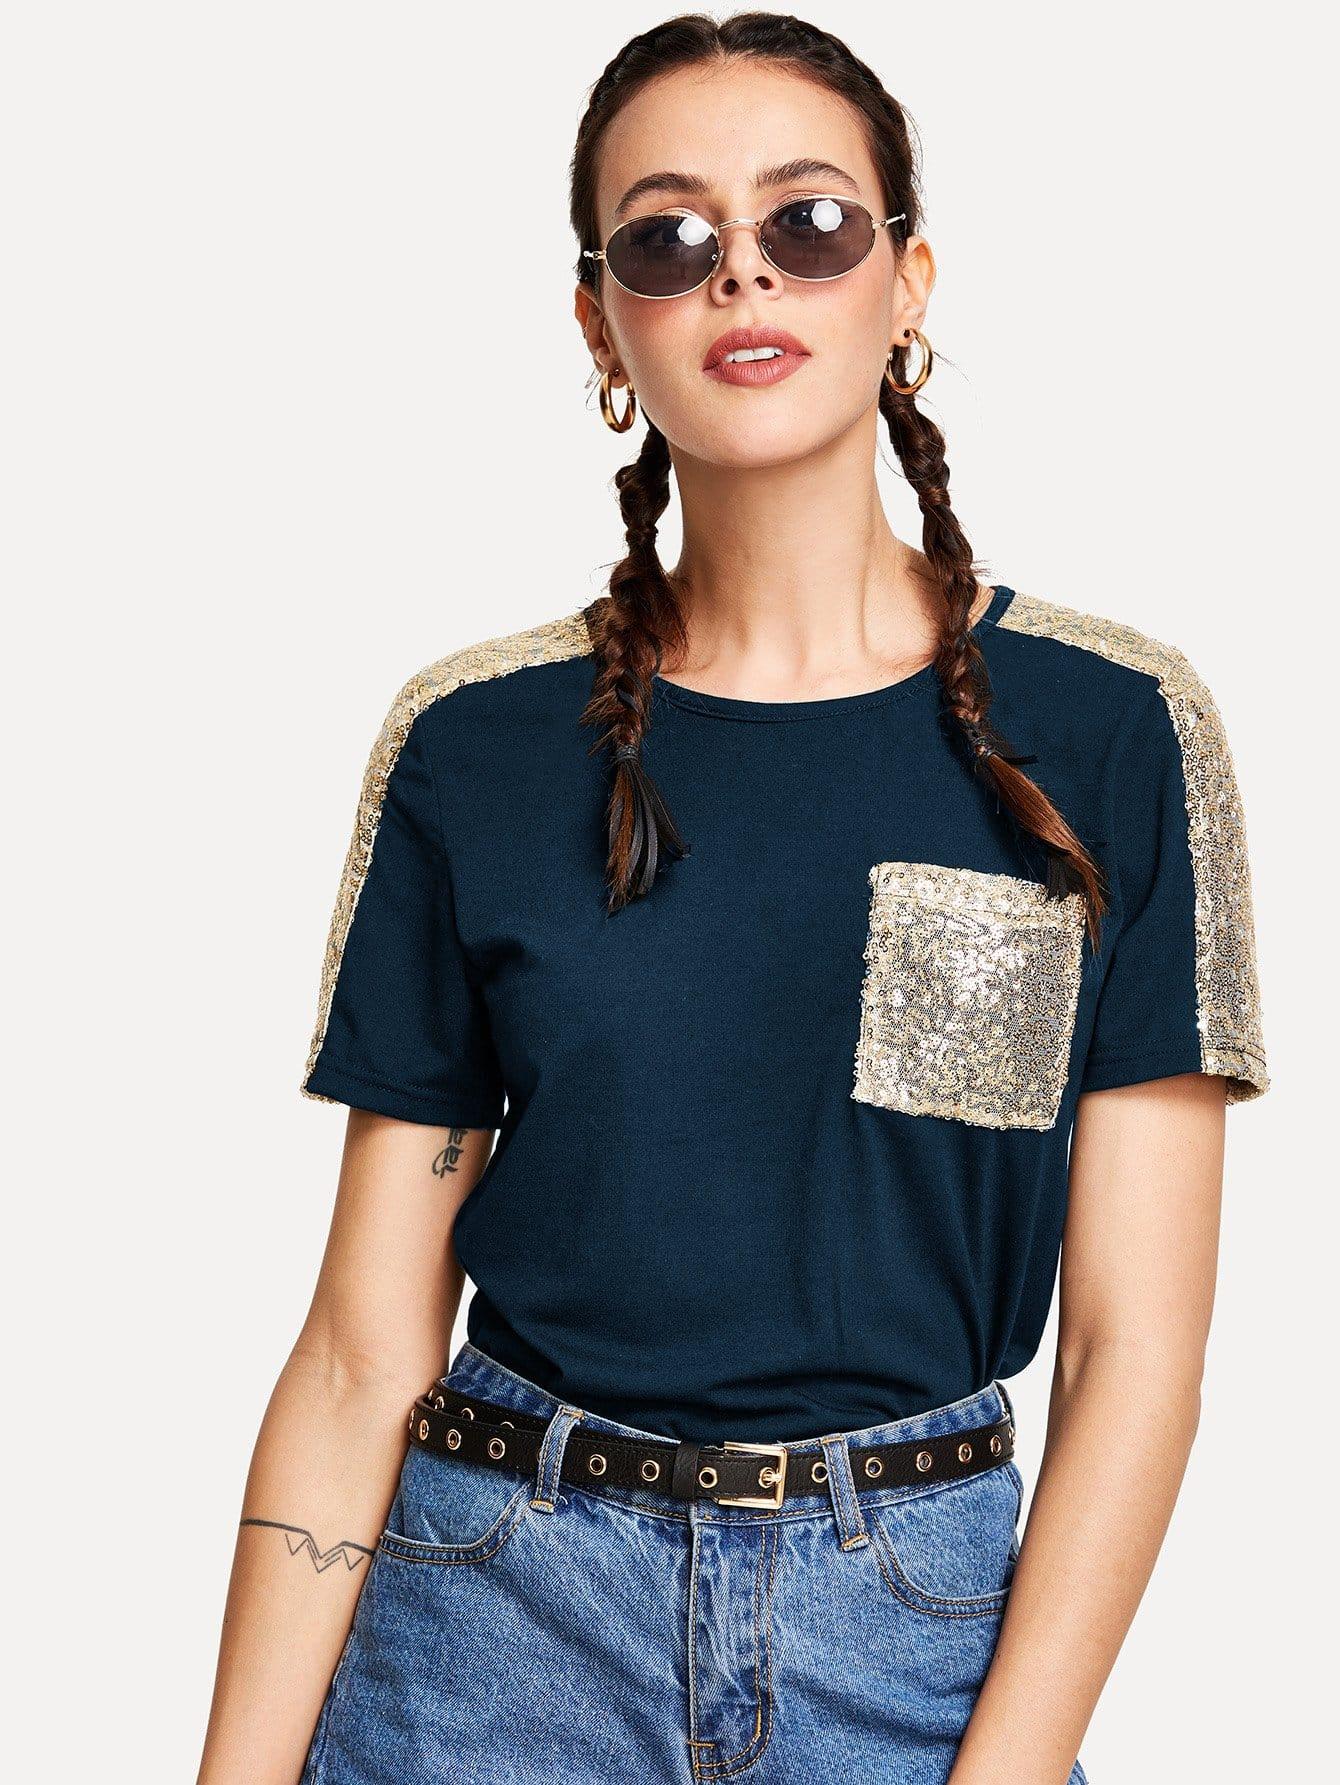 Купить Контрастная футболка с блестками, Karla, SheIn